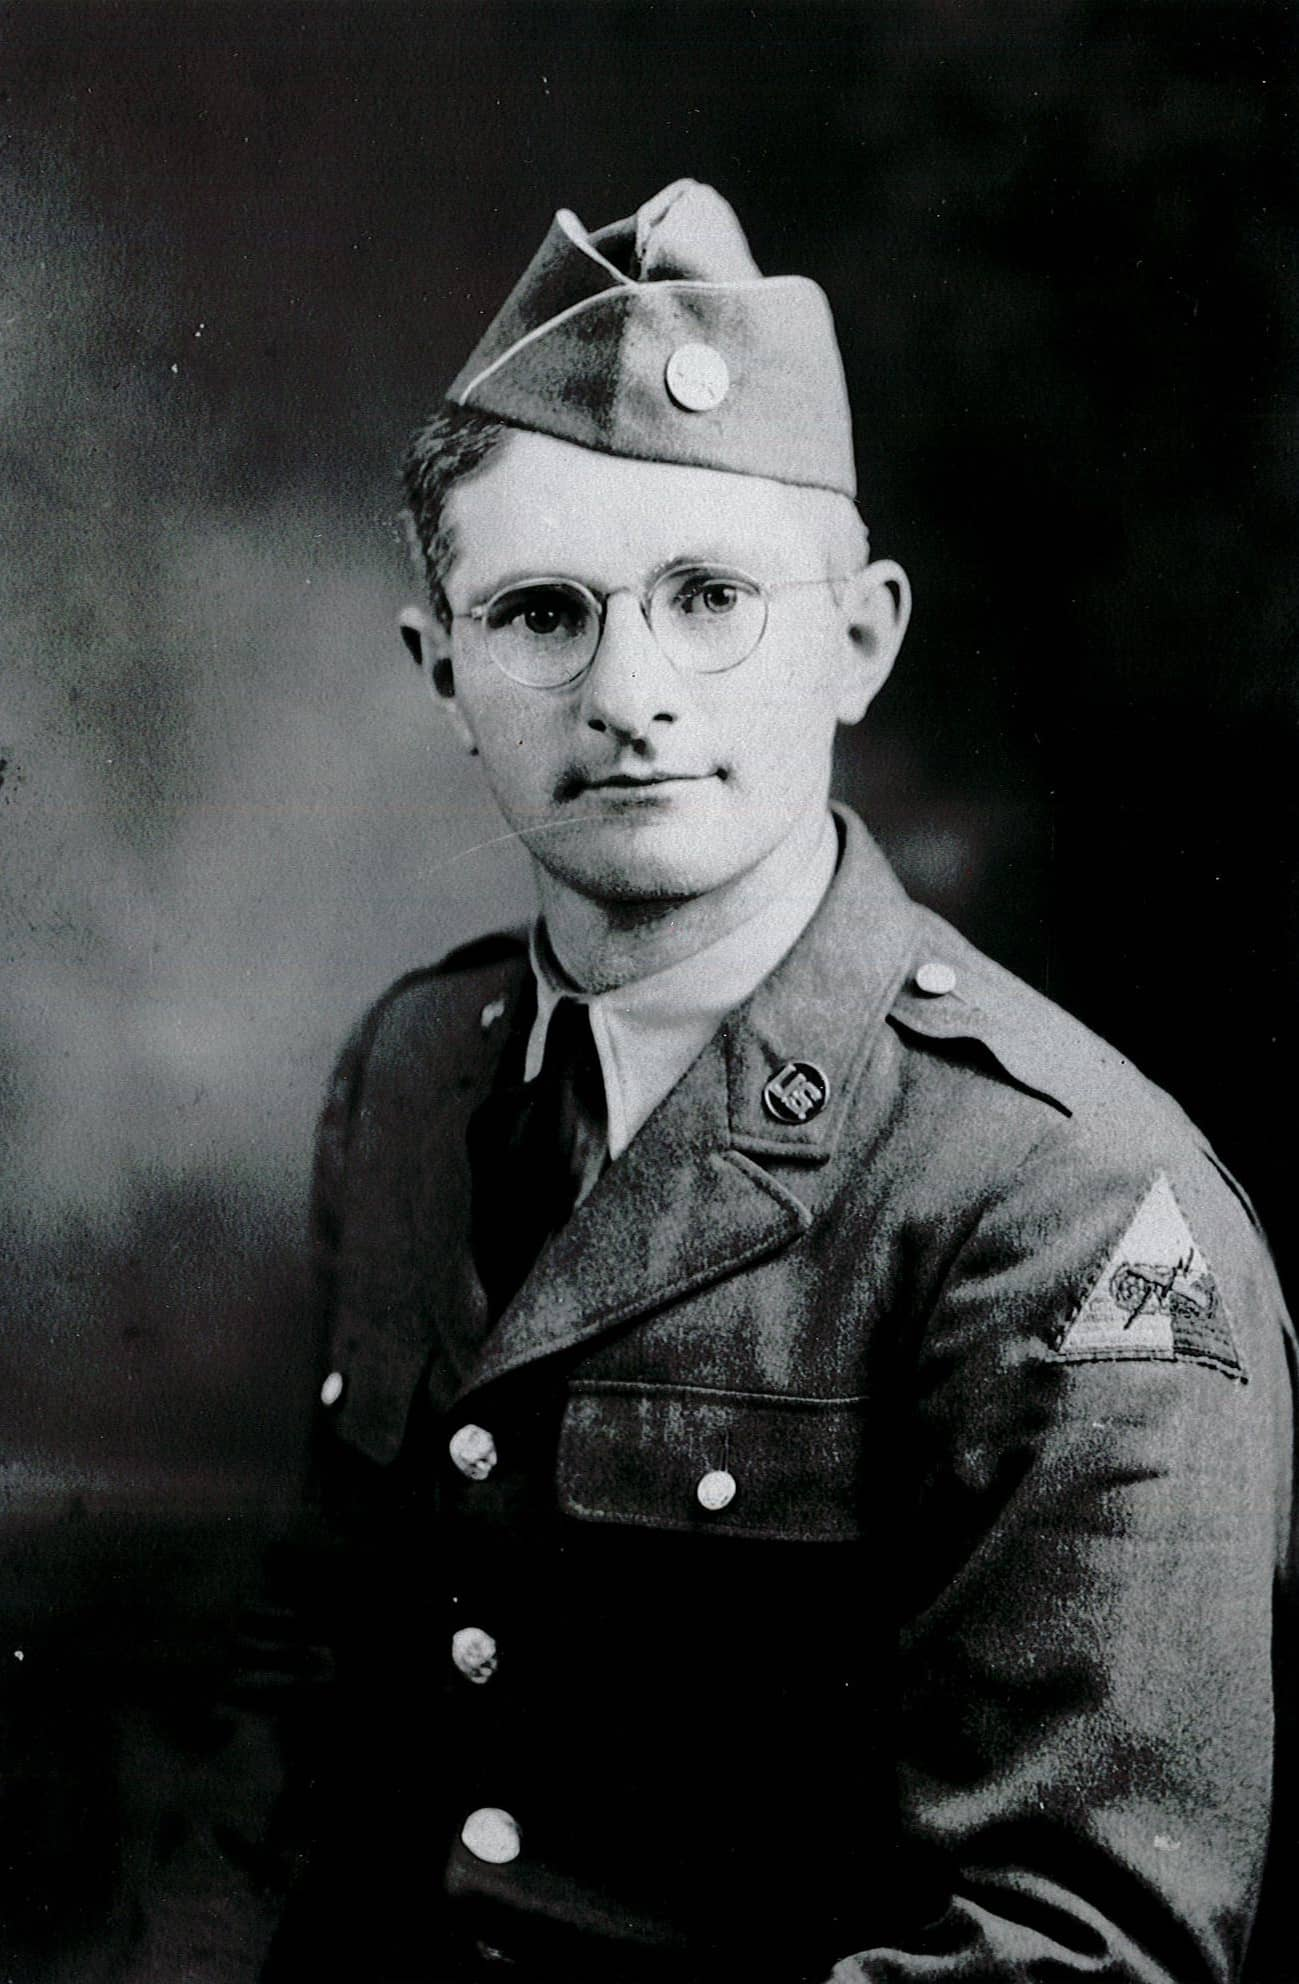 Claude E. Kimel